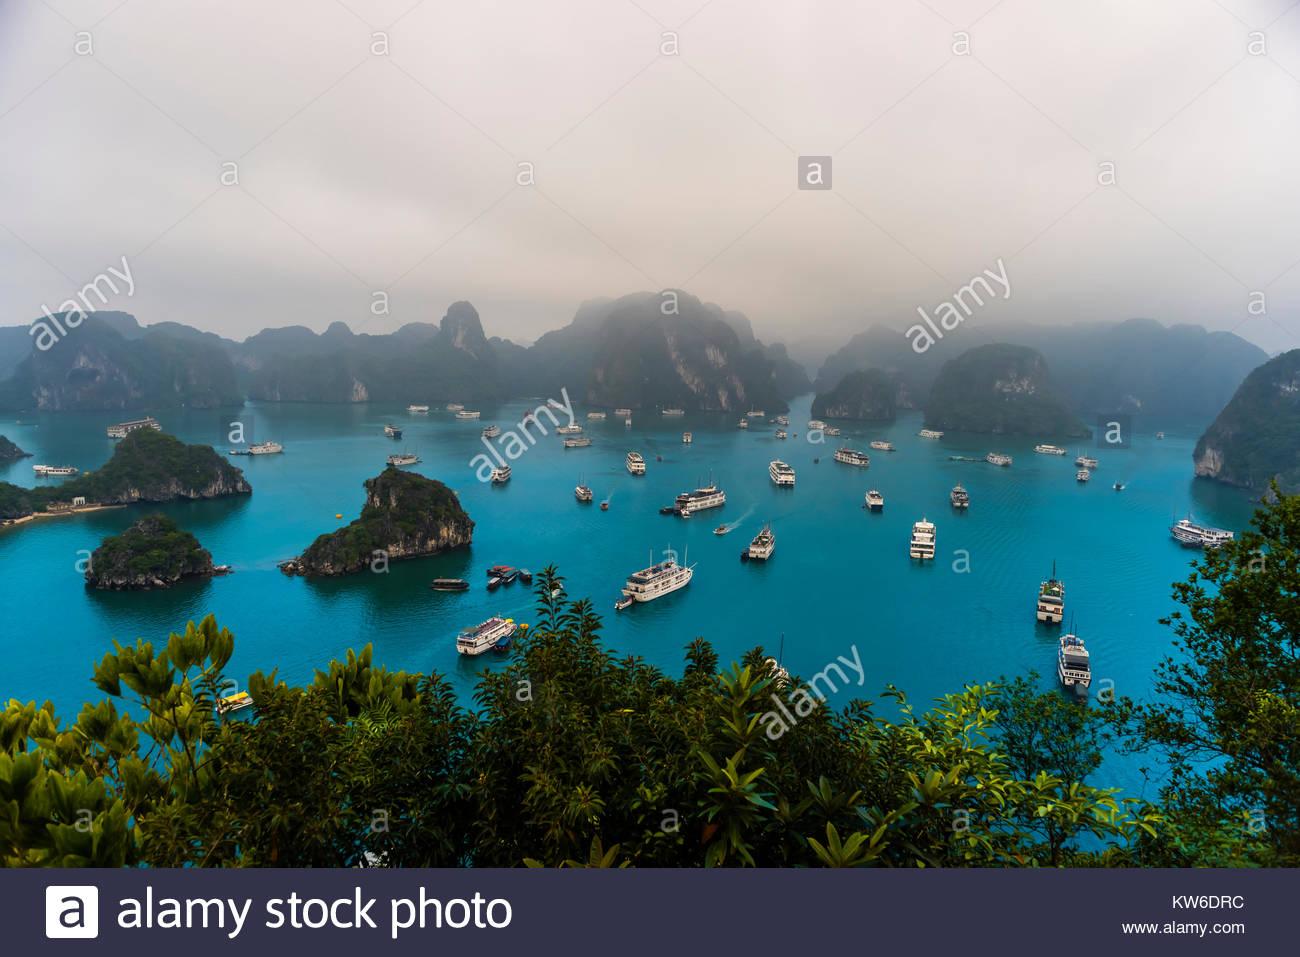 Hohe Betrachtungswinkel der Halong Bucht von Ti Top Island, North Vietnam, gefüllt mit Ausflugsbooten. Die Stockbild